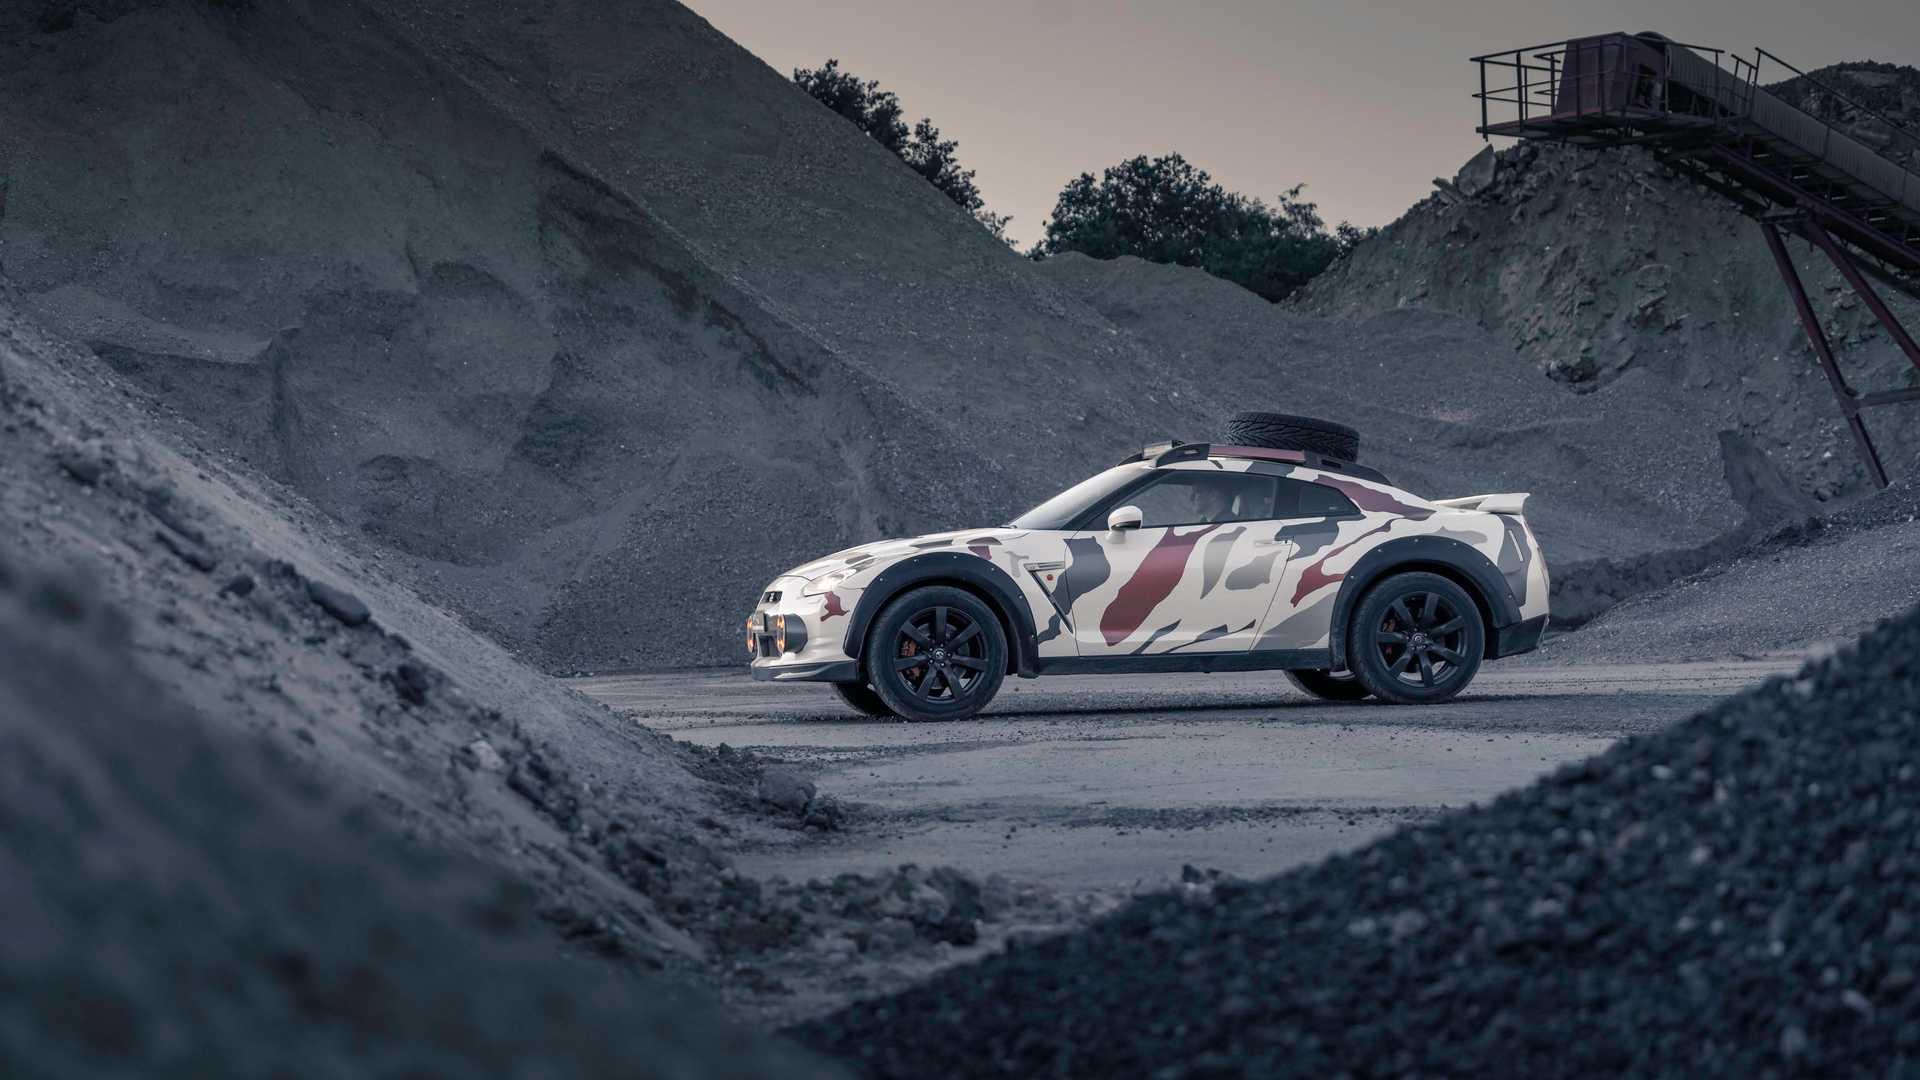 Nissan-GT-R-Offroad-Godzilla-2.0-12